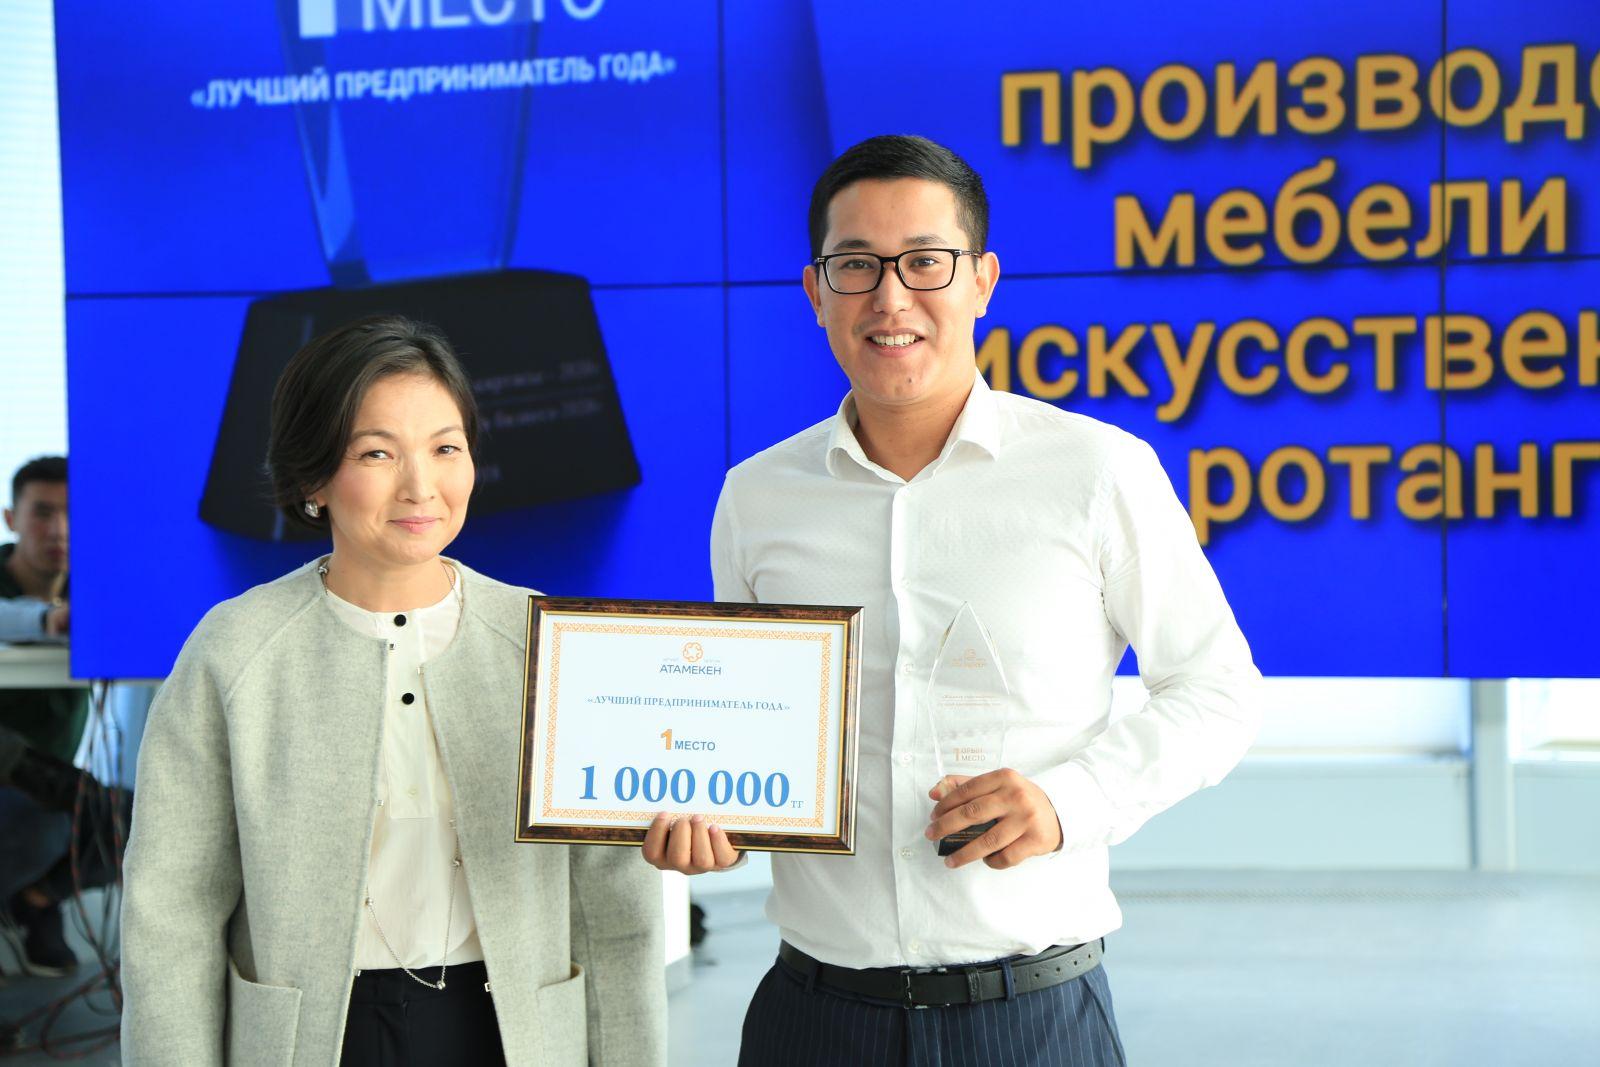 Лучший молодой предприниматель из Шымкента получил 1 млн тенге на развитие